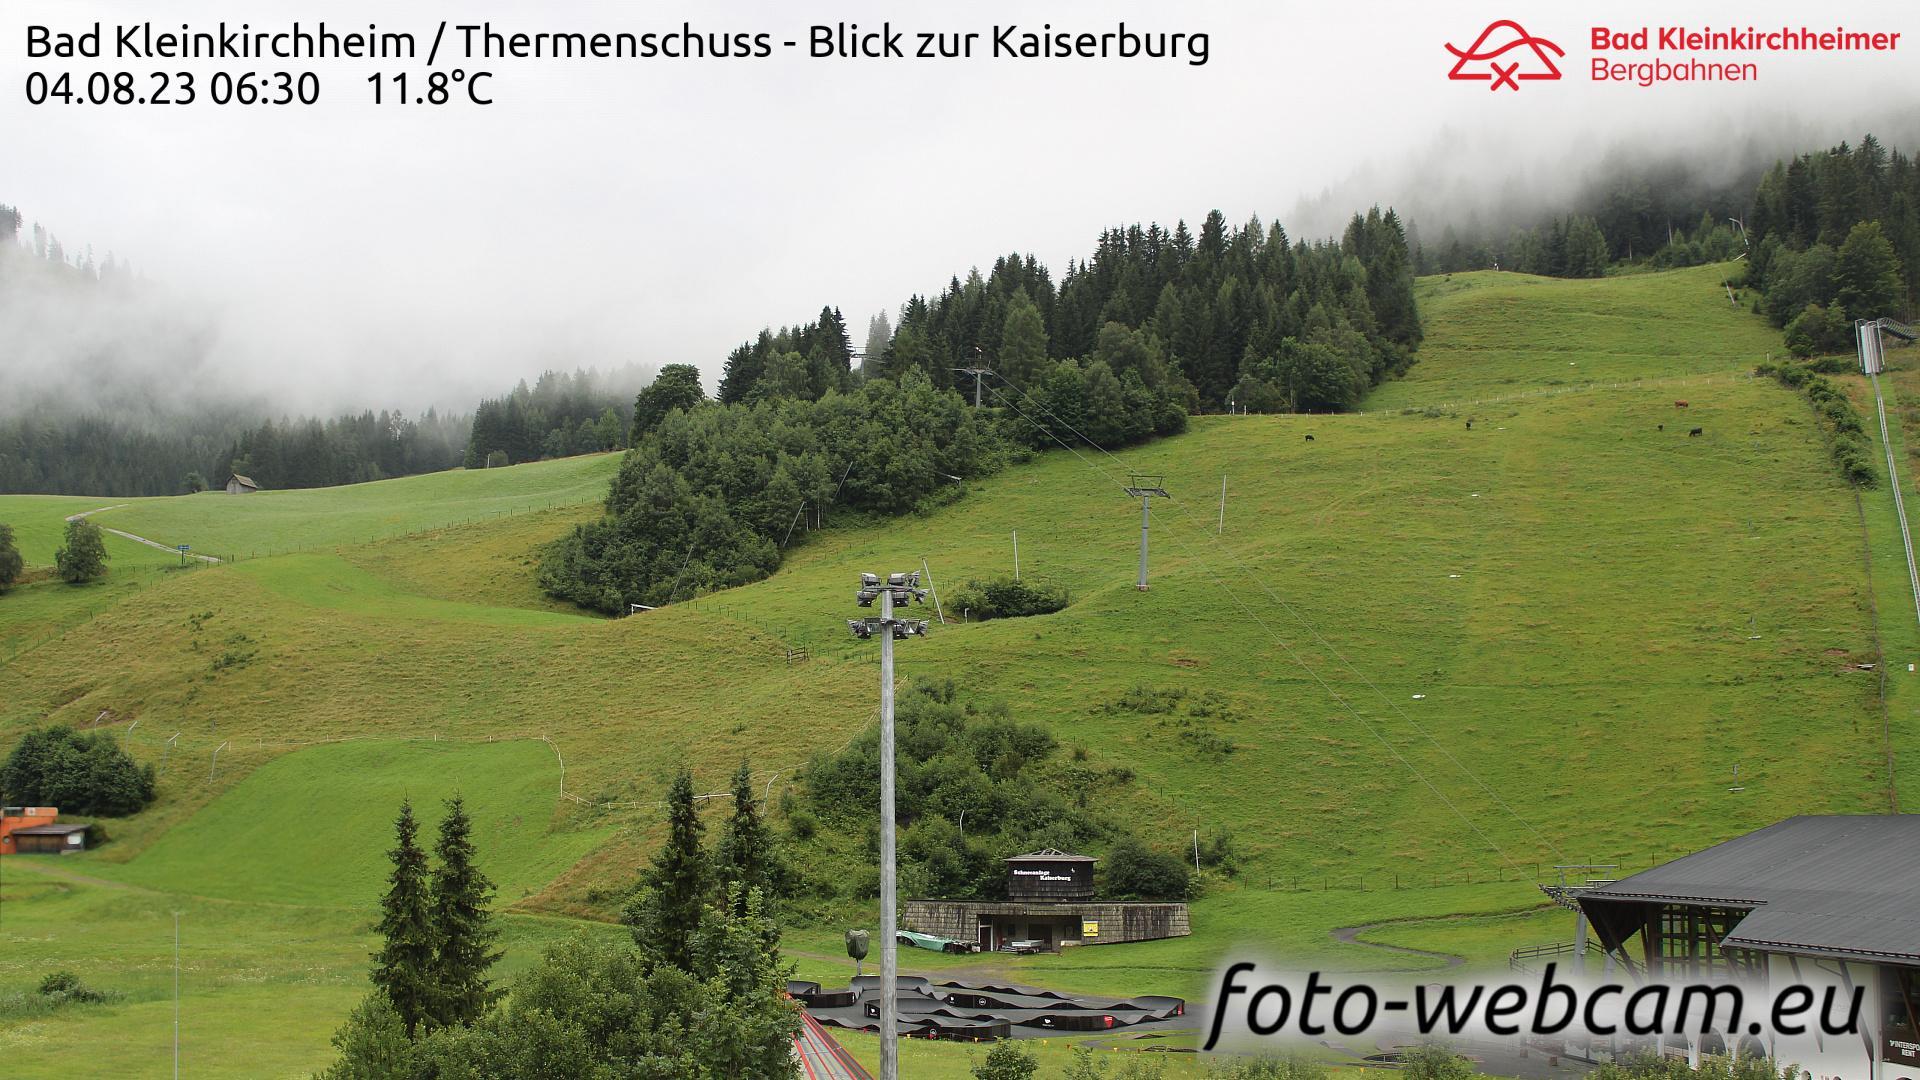 Webcam Bach: Bad Kleinkirchheim − Thermenschuss − Blick z